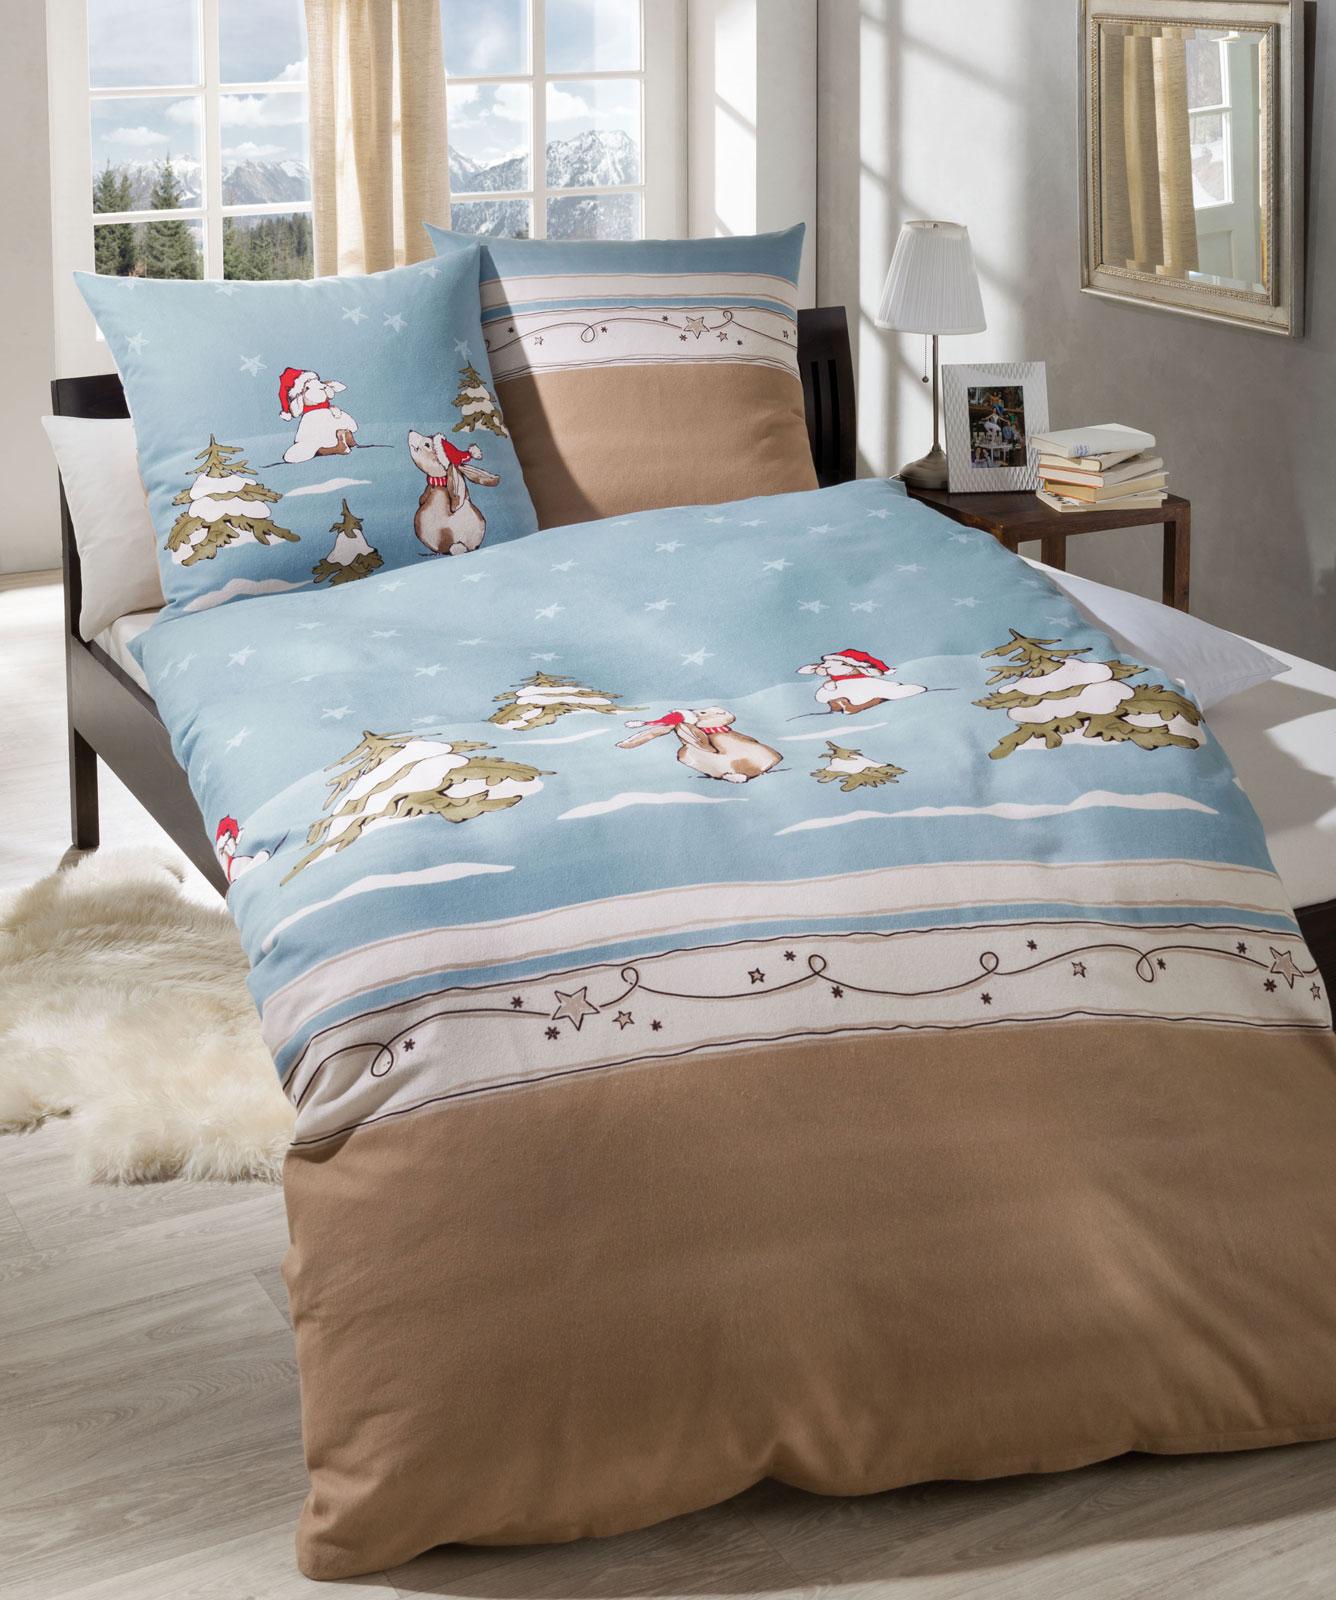 kaeppel fein biber bettw sche 135x200 384531 schneehase ebay. Black Bedroom Furniture Sets. Home Design Ideas